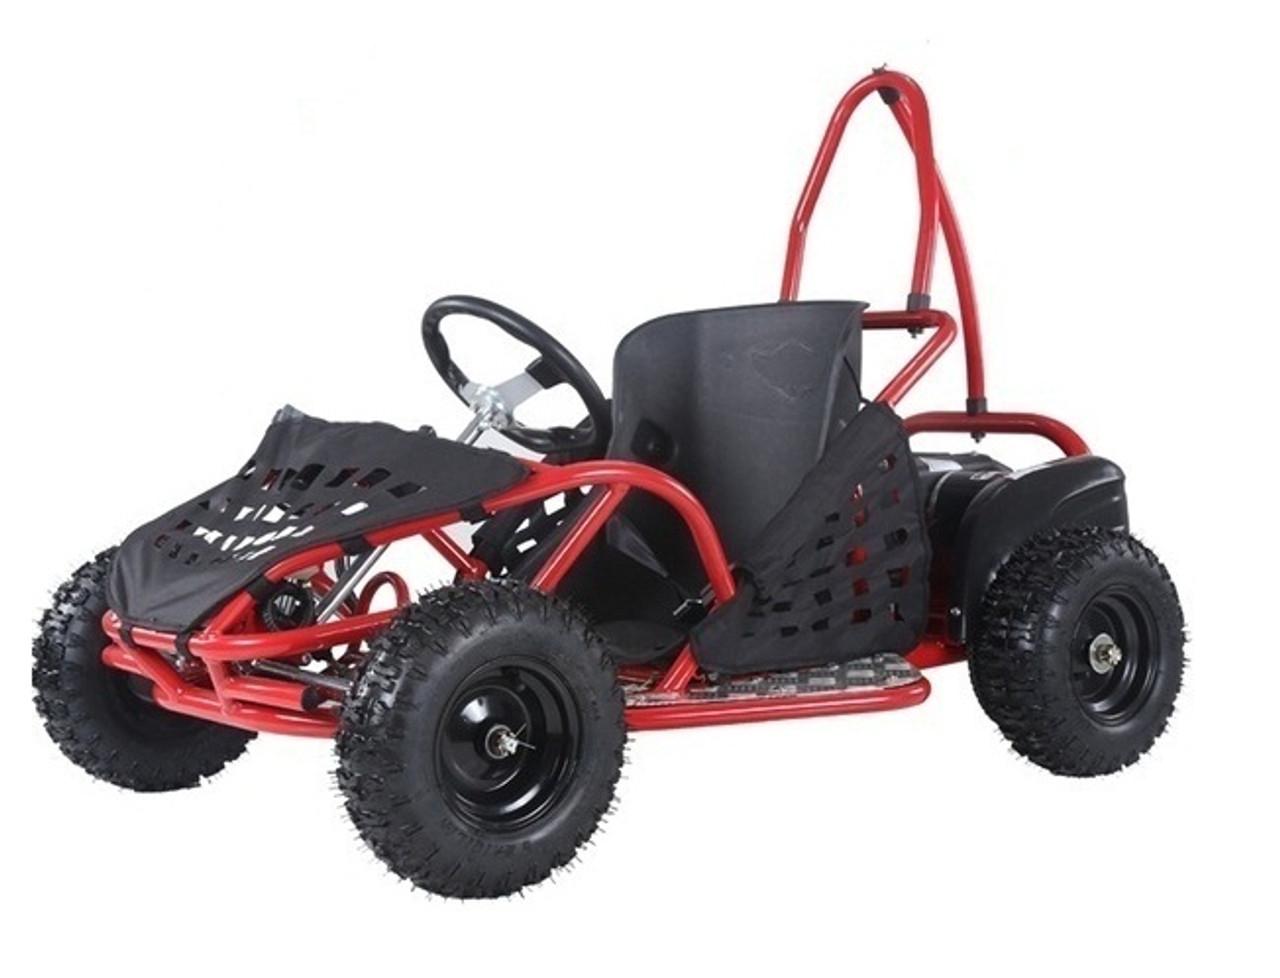 Taotao Ek80 800 Watt  / 48V Electric Go Kart - Fully Assembled and Tested